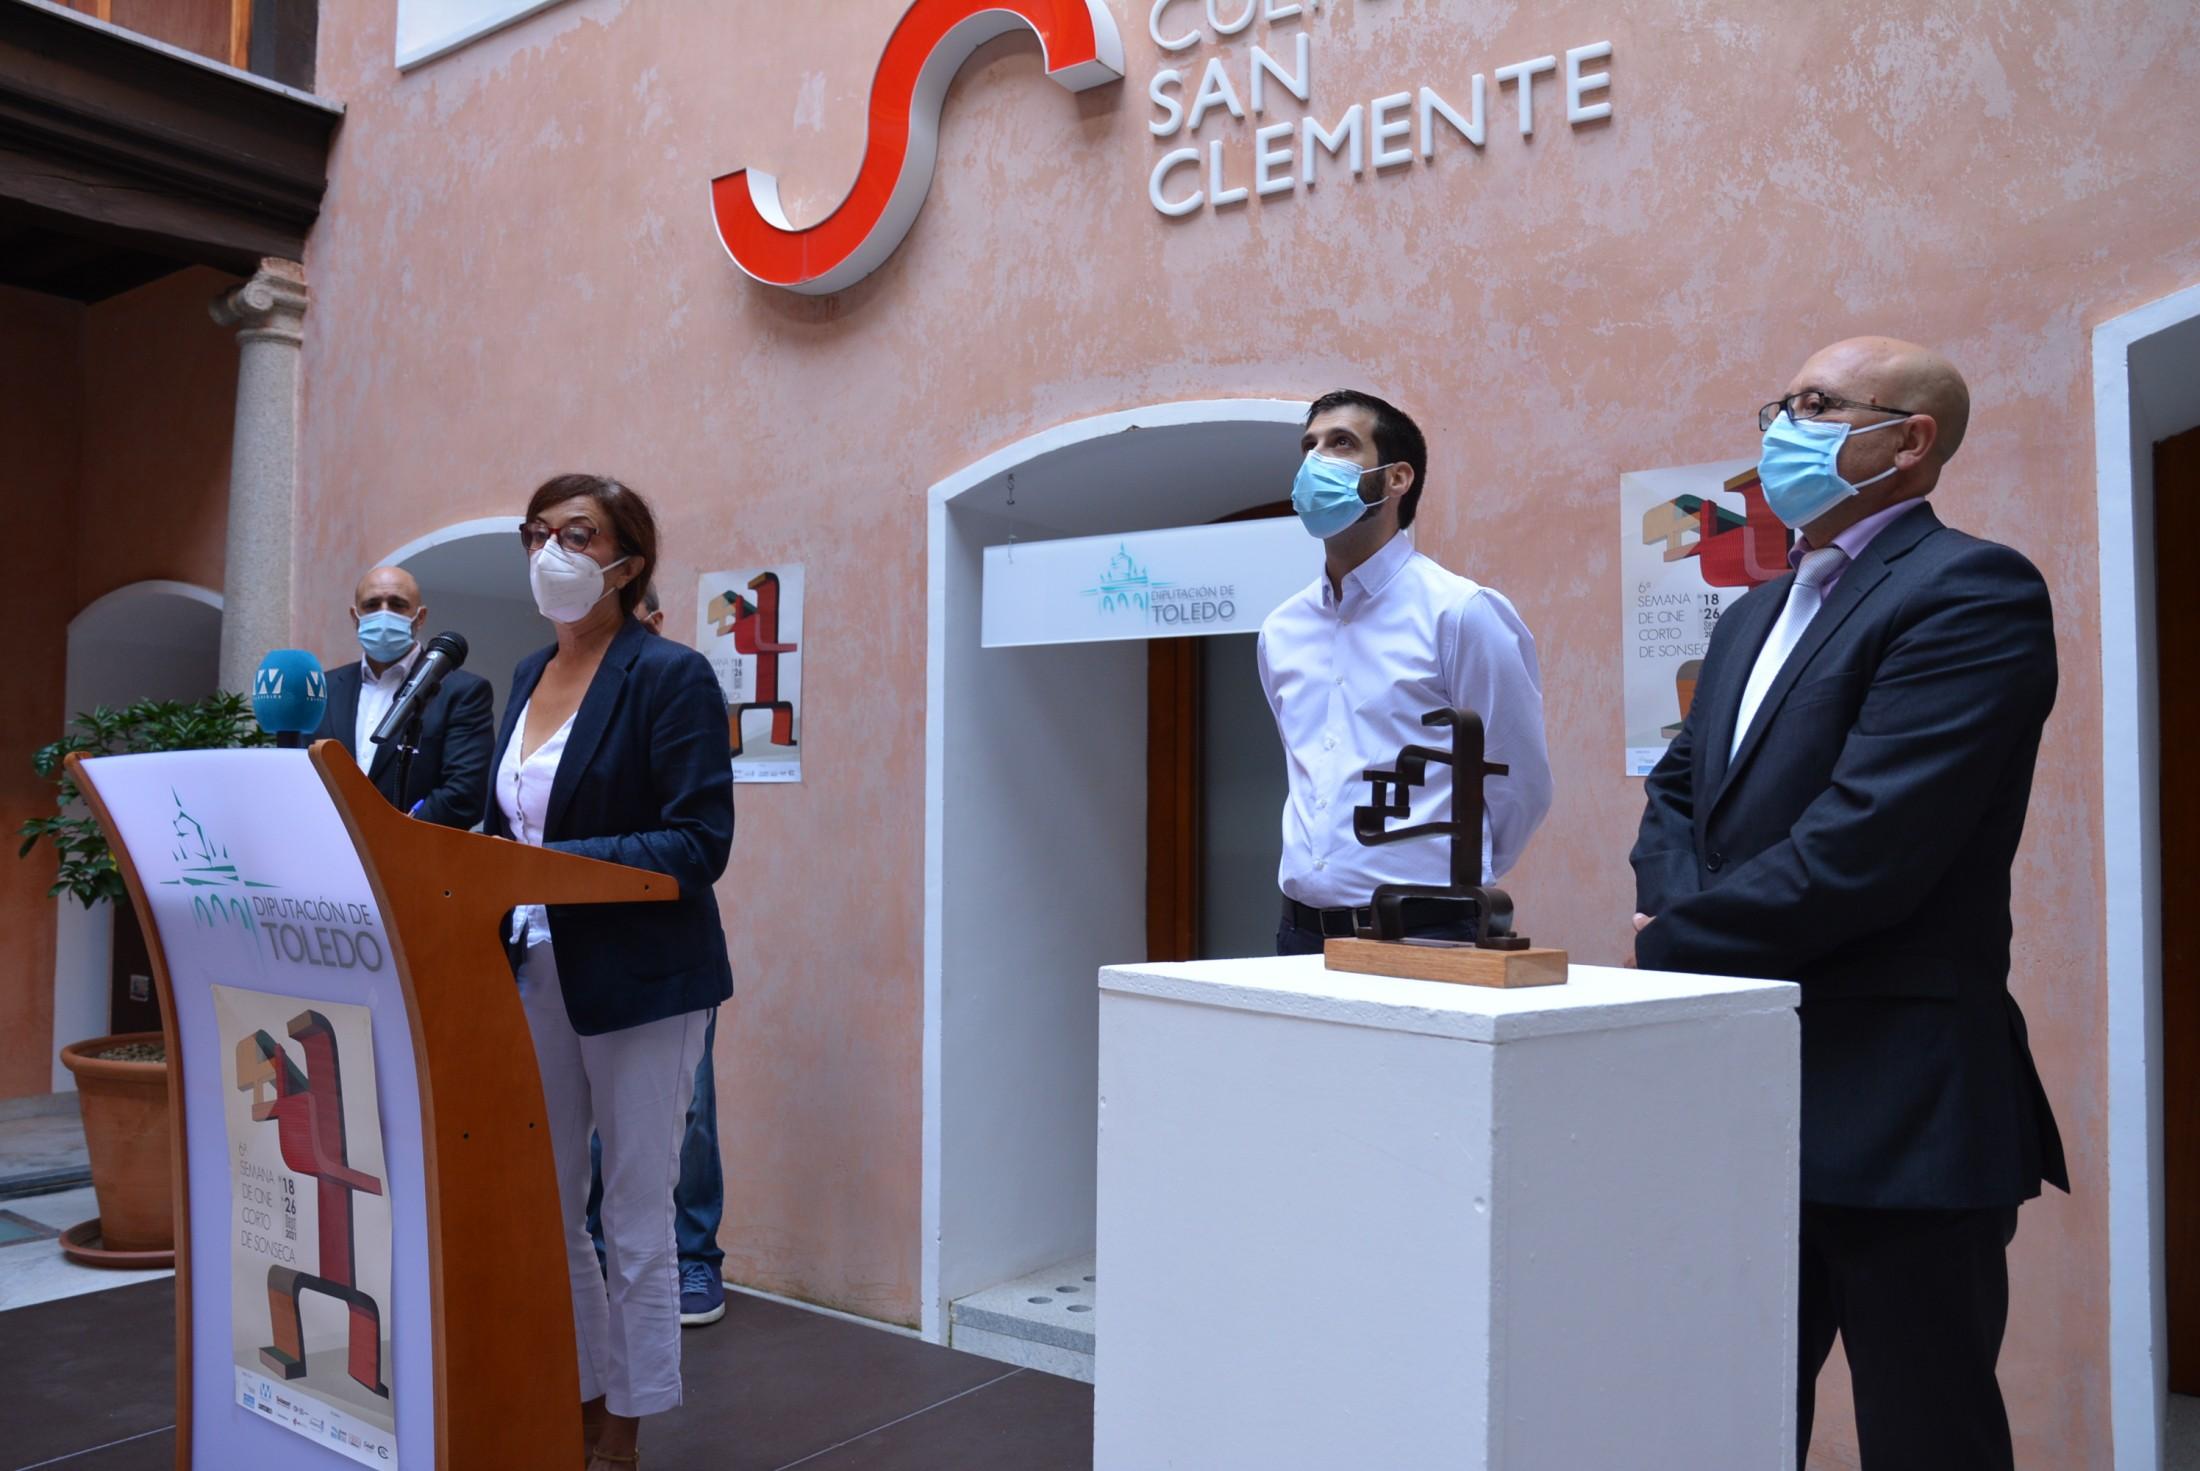 Ana Gómez y los organizadores de la VI Semana de cine corto de Sonseca